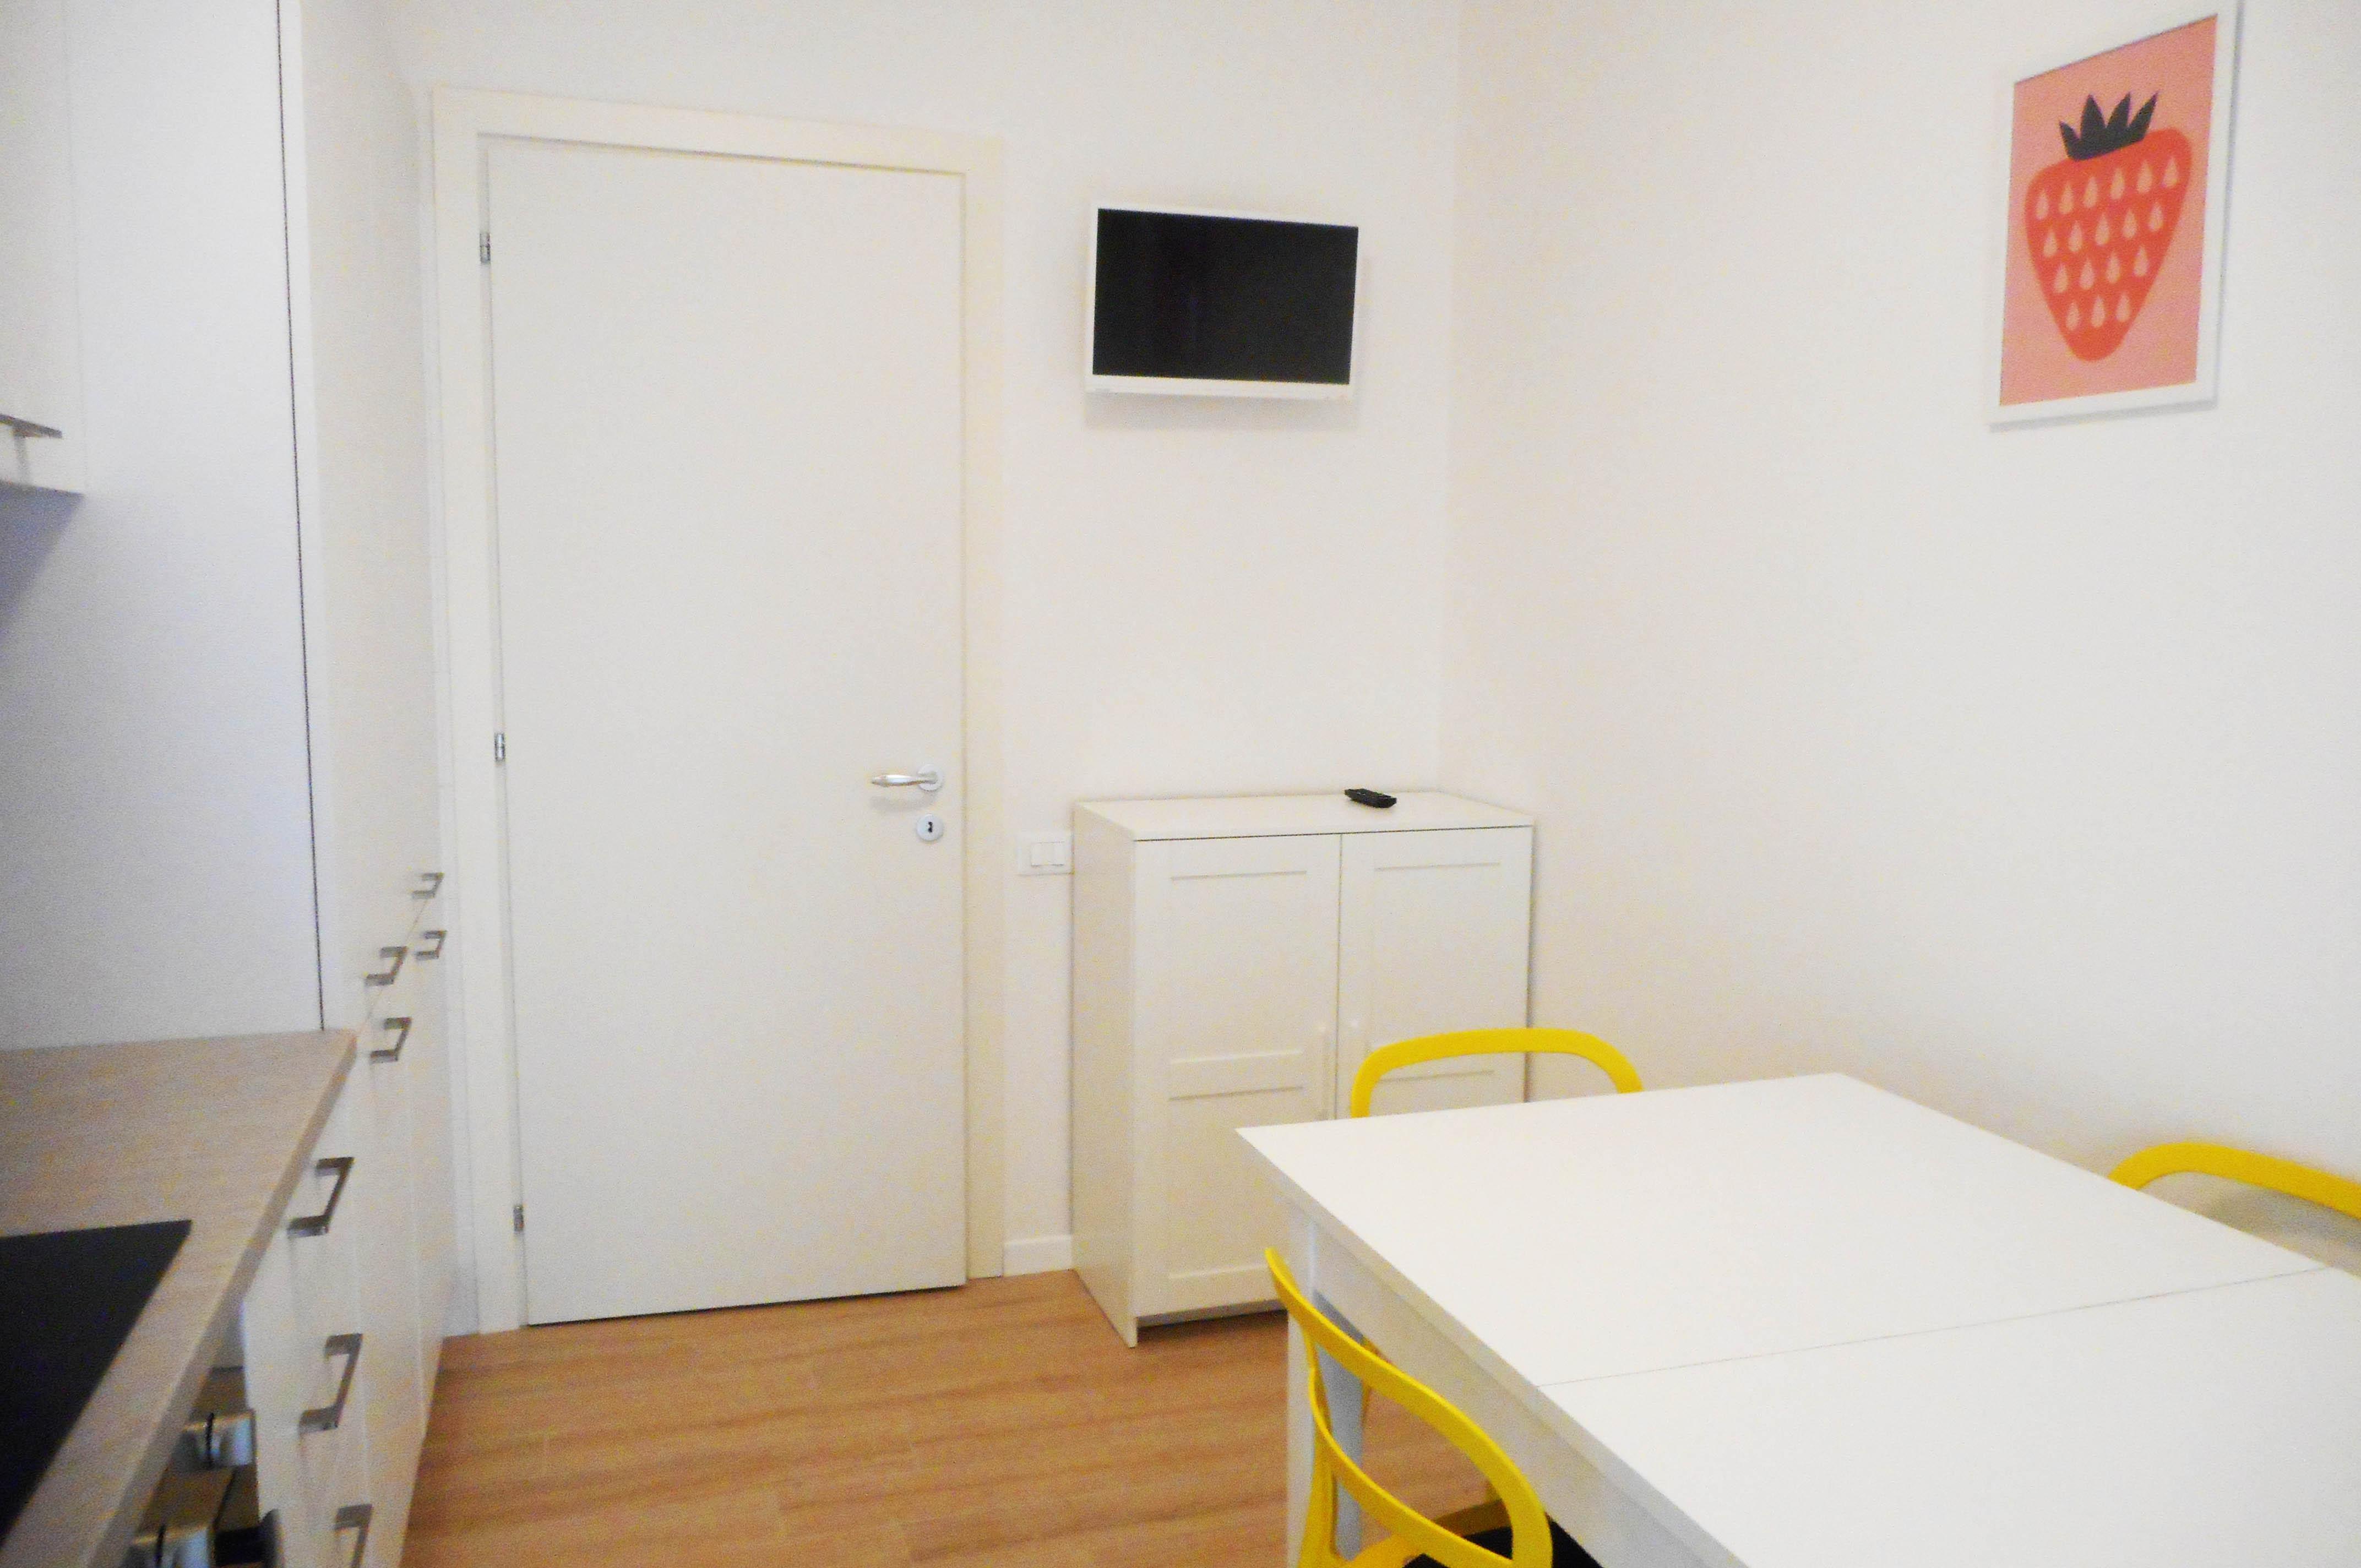 Camere-in-Affitto-Treviso-Villorba-Studio-Architettura-Zanatta-86